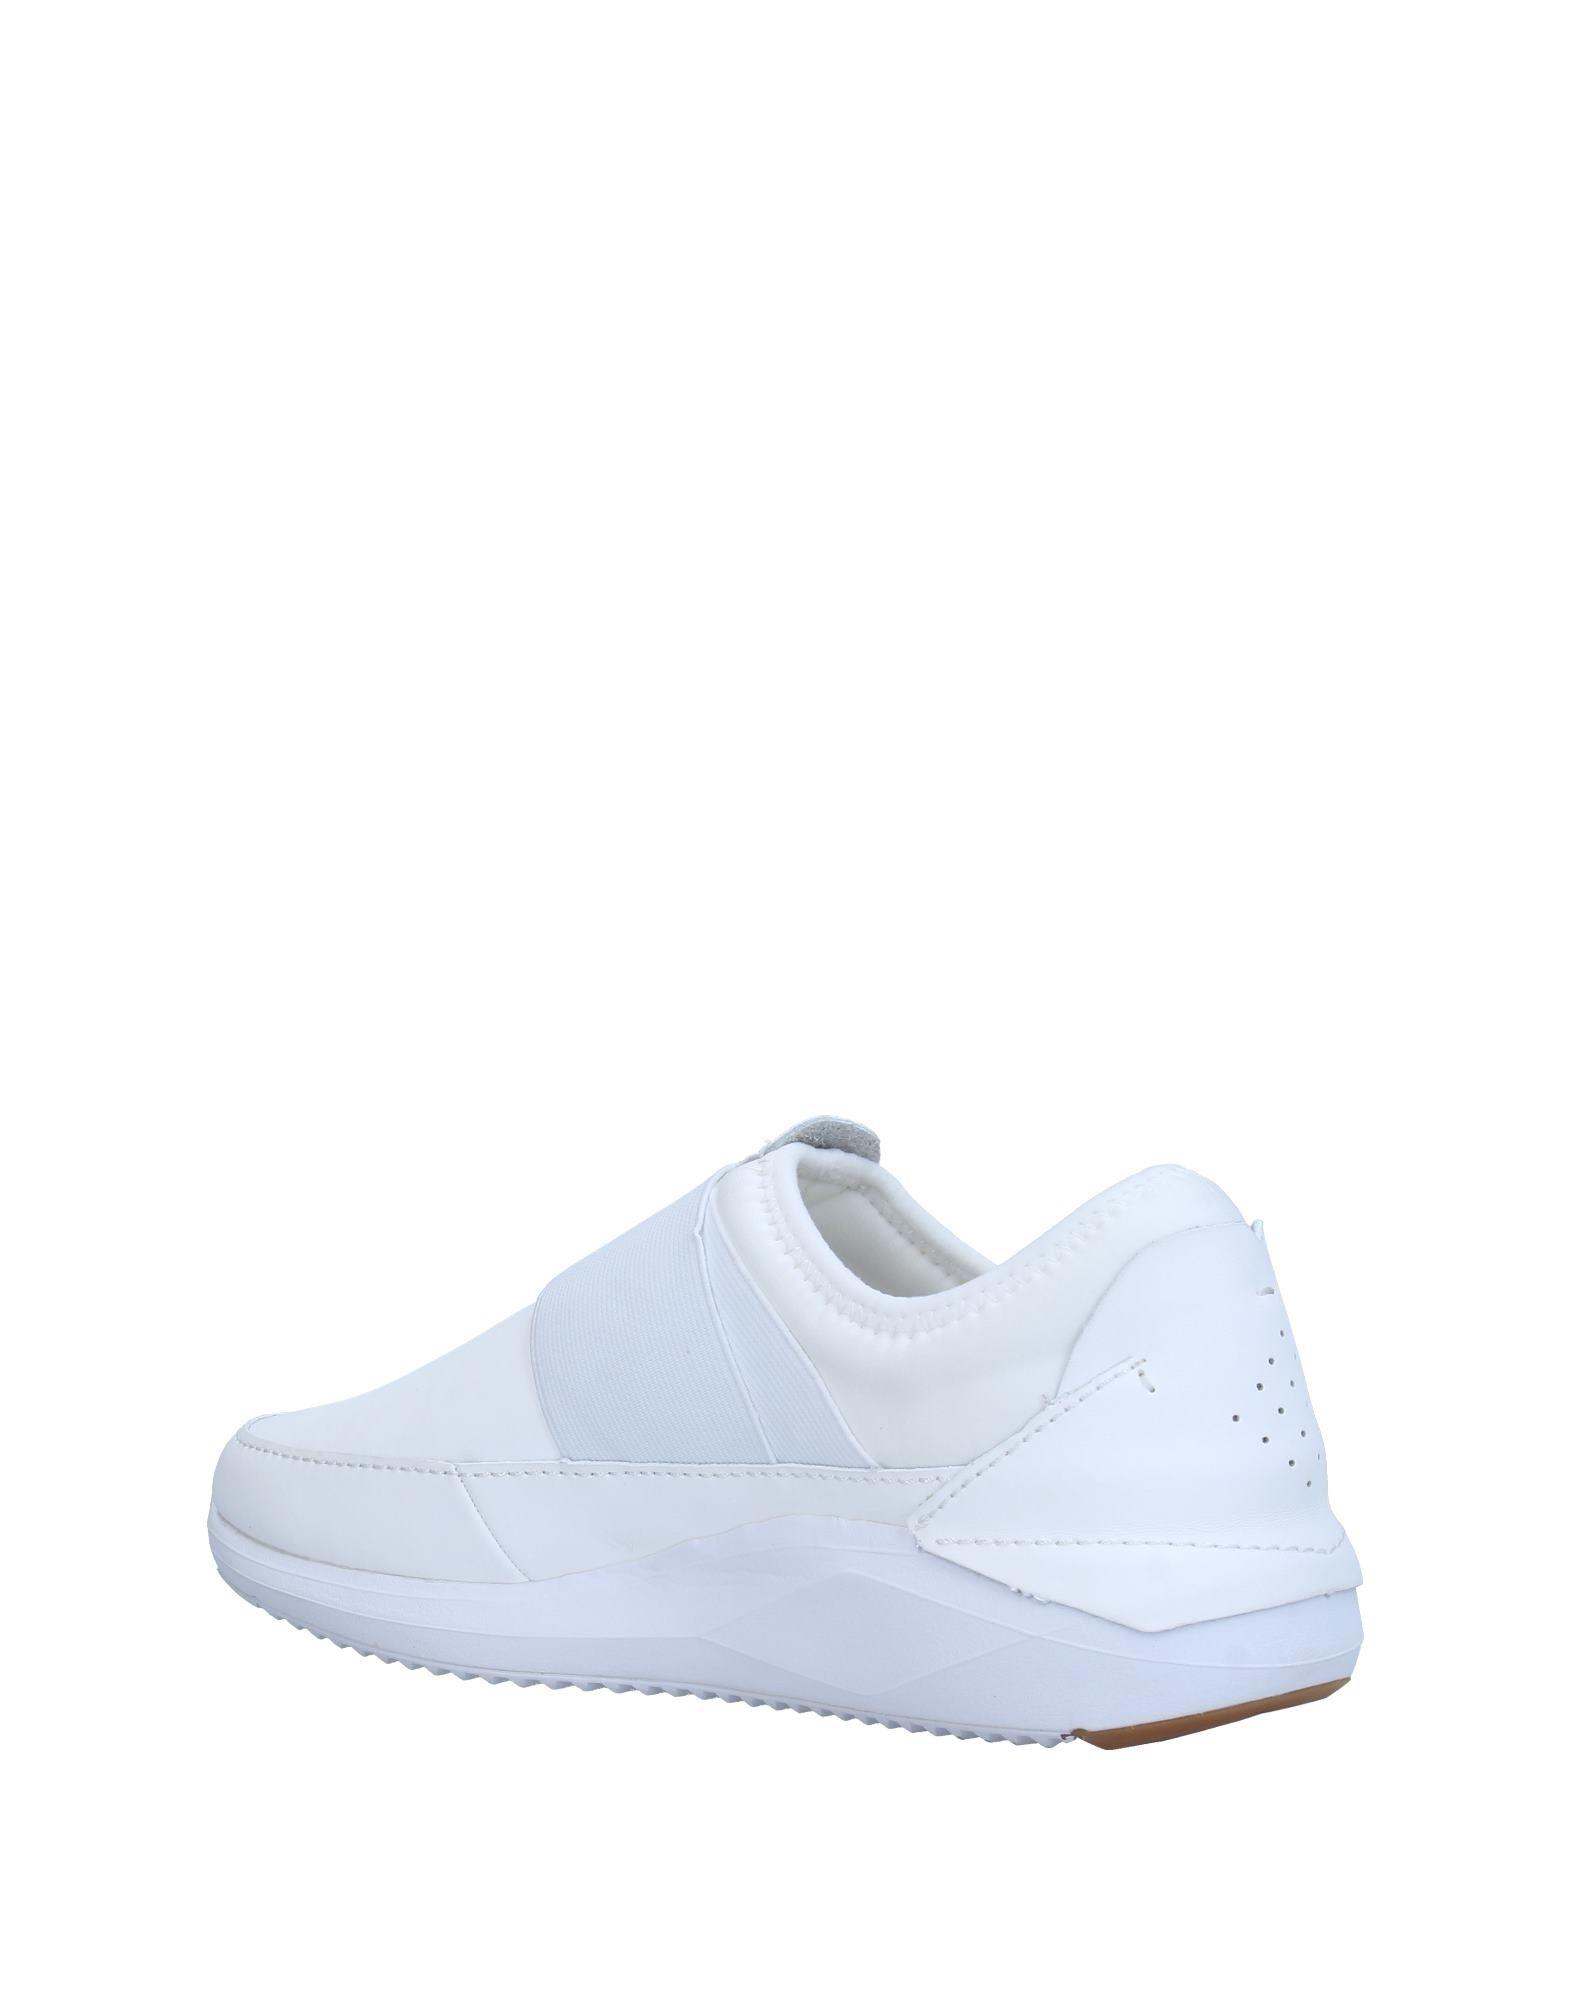 Rabatt echte Schuhe Boxfresh Sneakers Herren Herren Sneakers  11333666BQ 1622a1